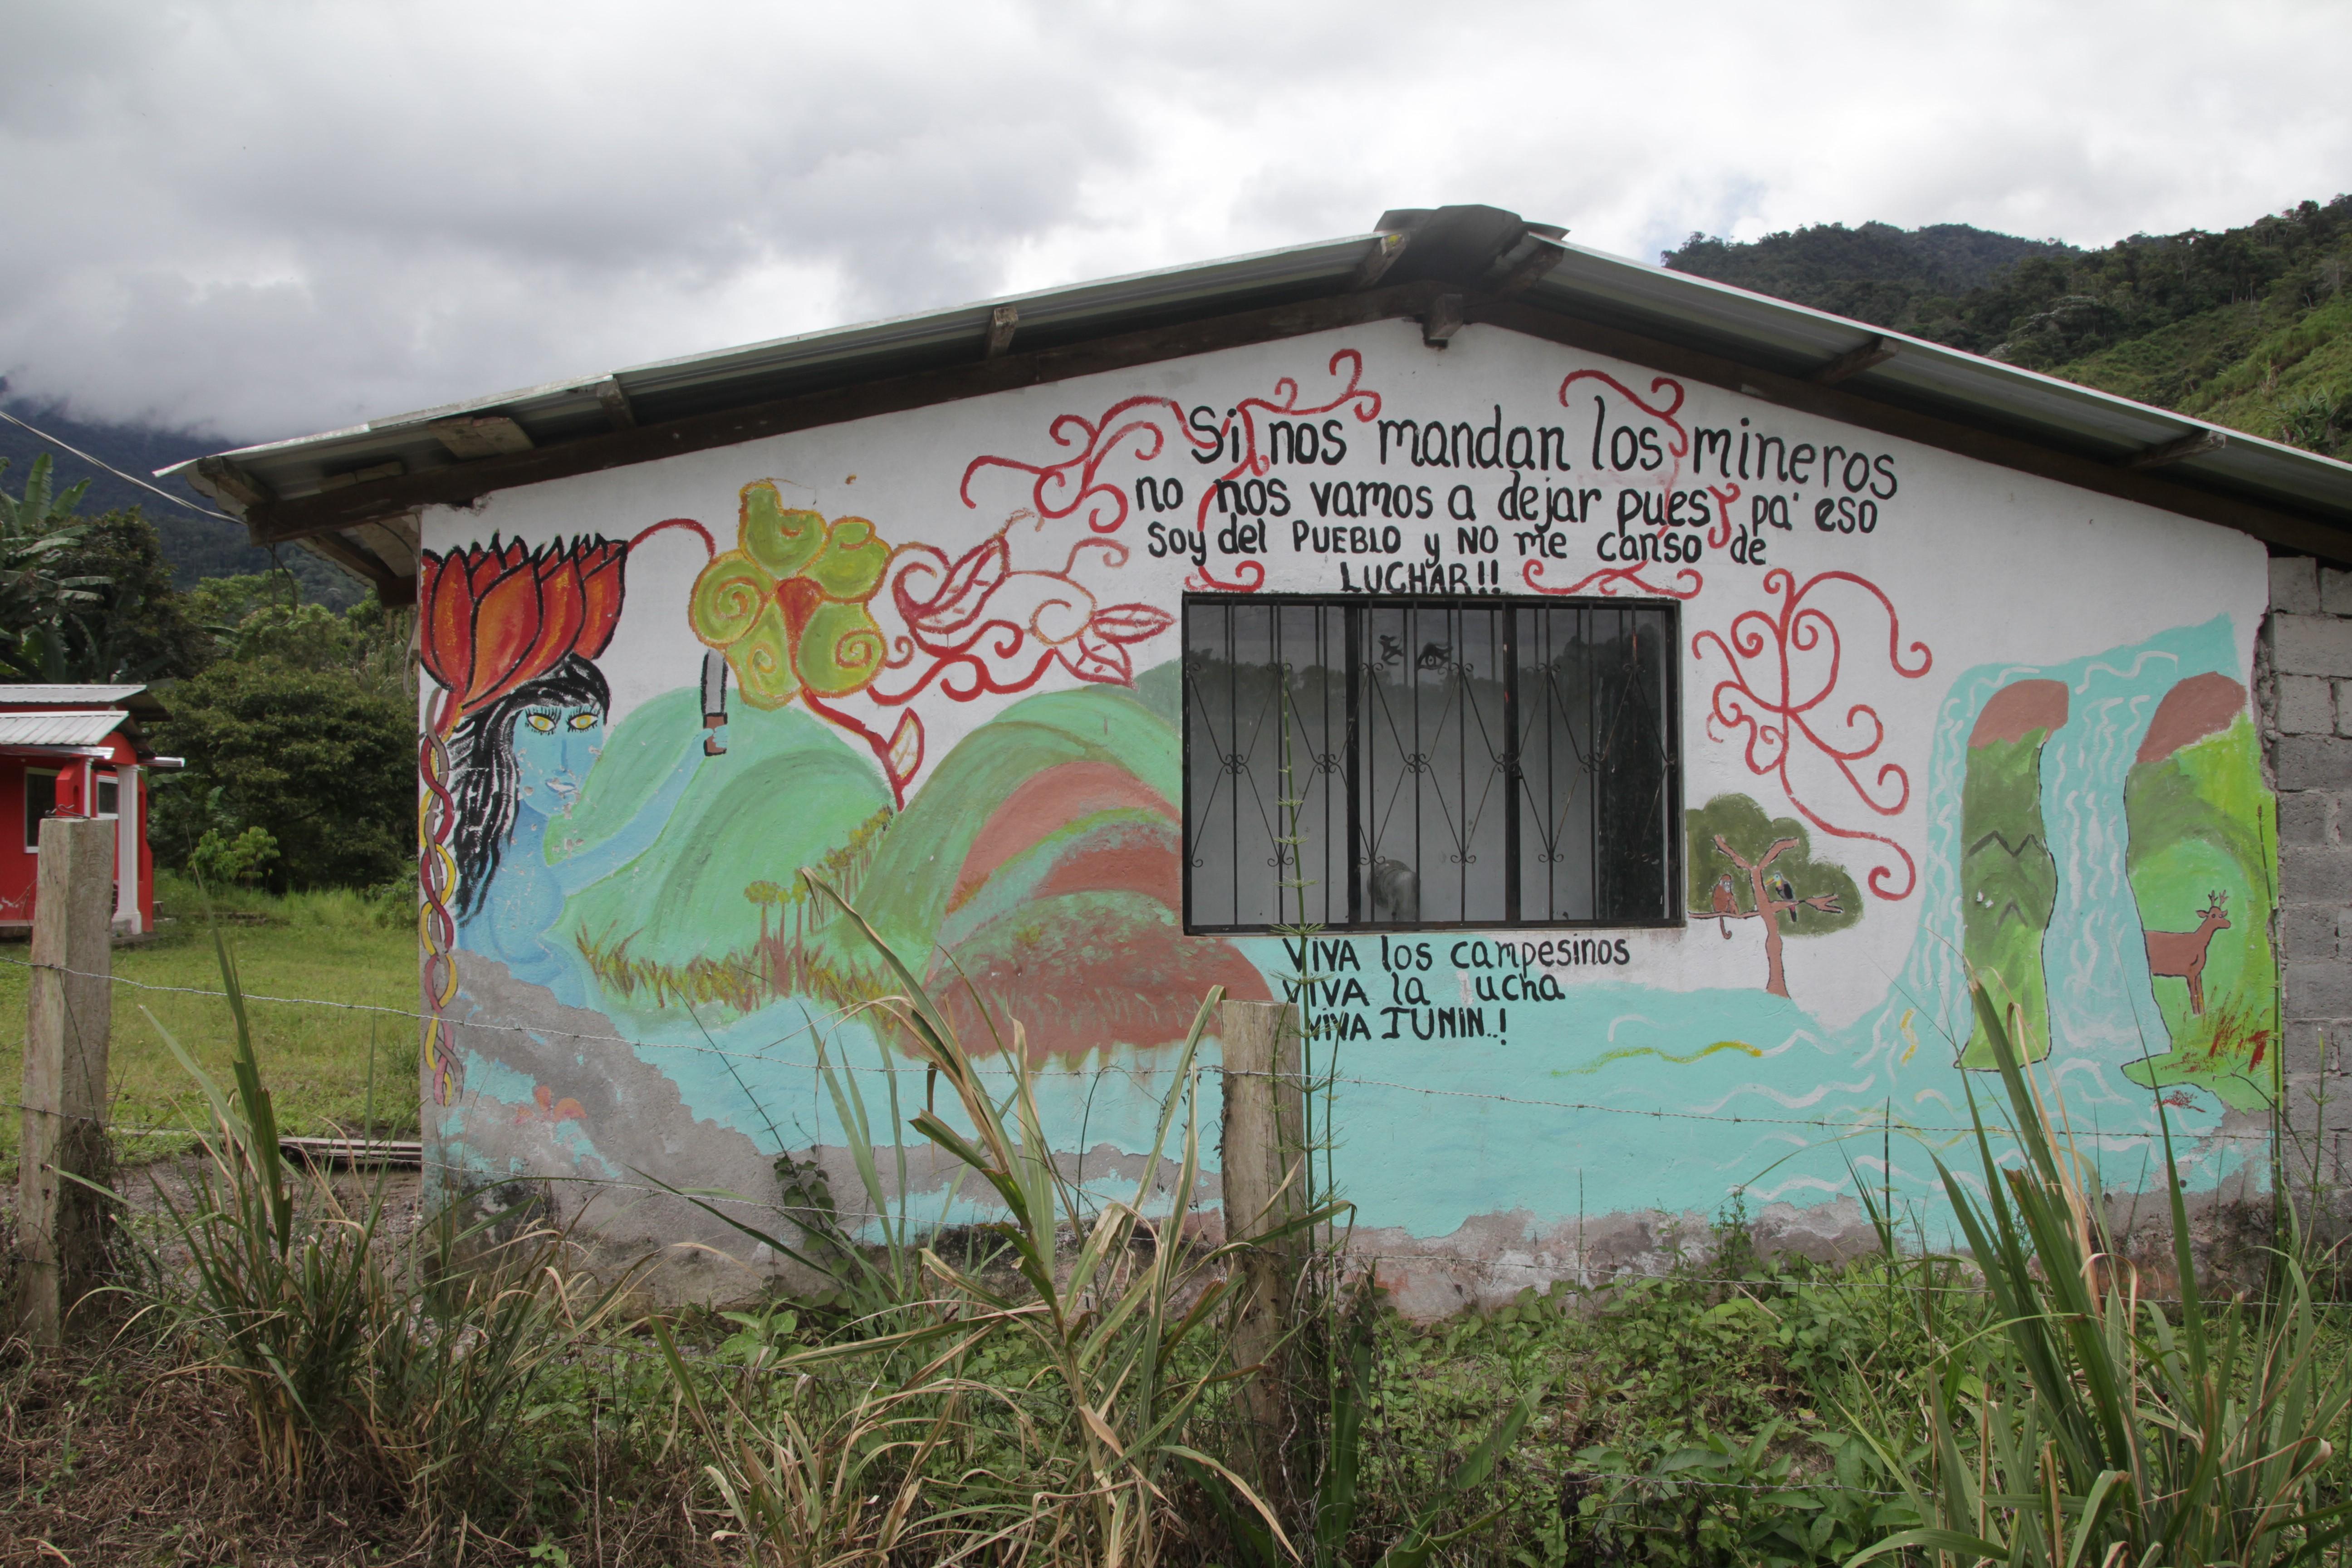 """Une maison du village : """"Si les mineurs nous l'ordonnent, nous ne partirons pas du village car nous sommes d'ici et nous ne sommes pas fatigués de lutter. Vive les paysans, vive la lutte, vive Junín"""" (© Jérôme Decoster)."""